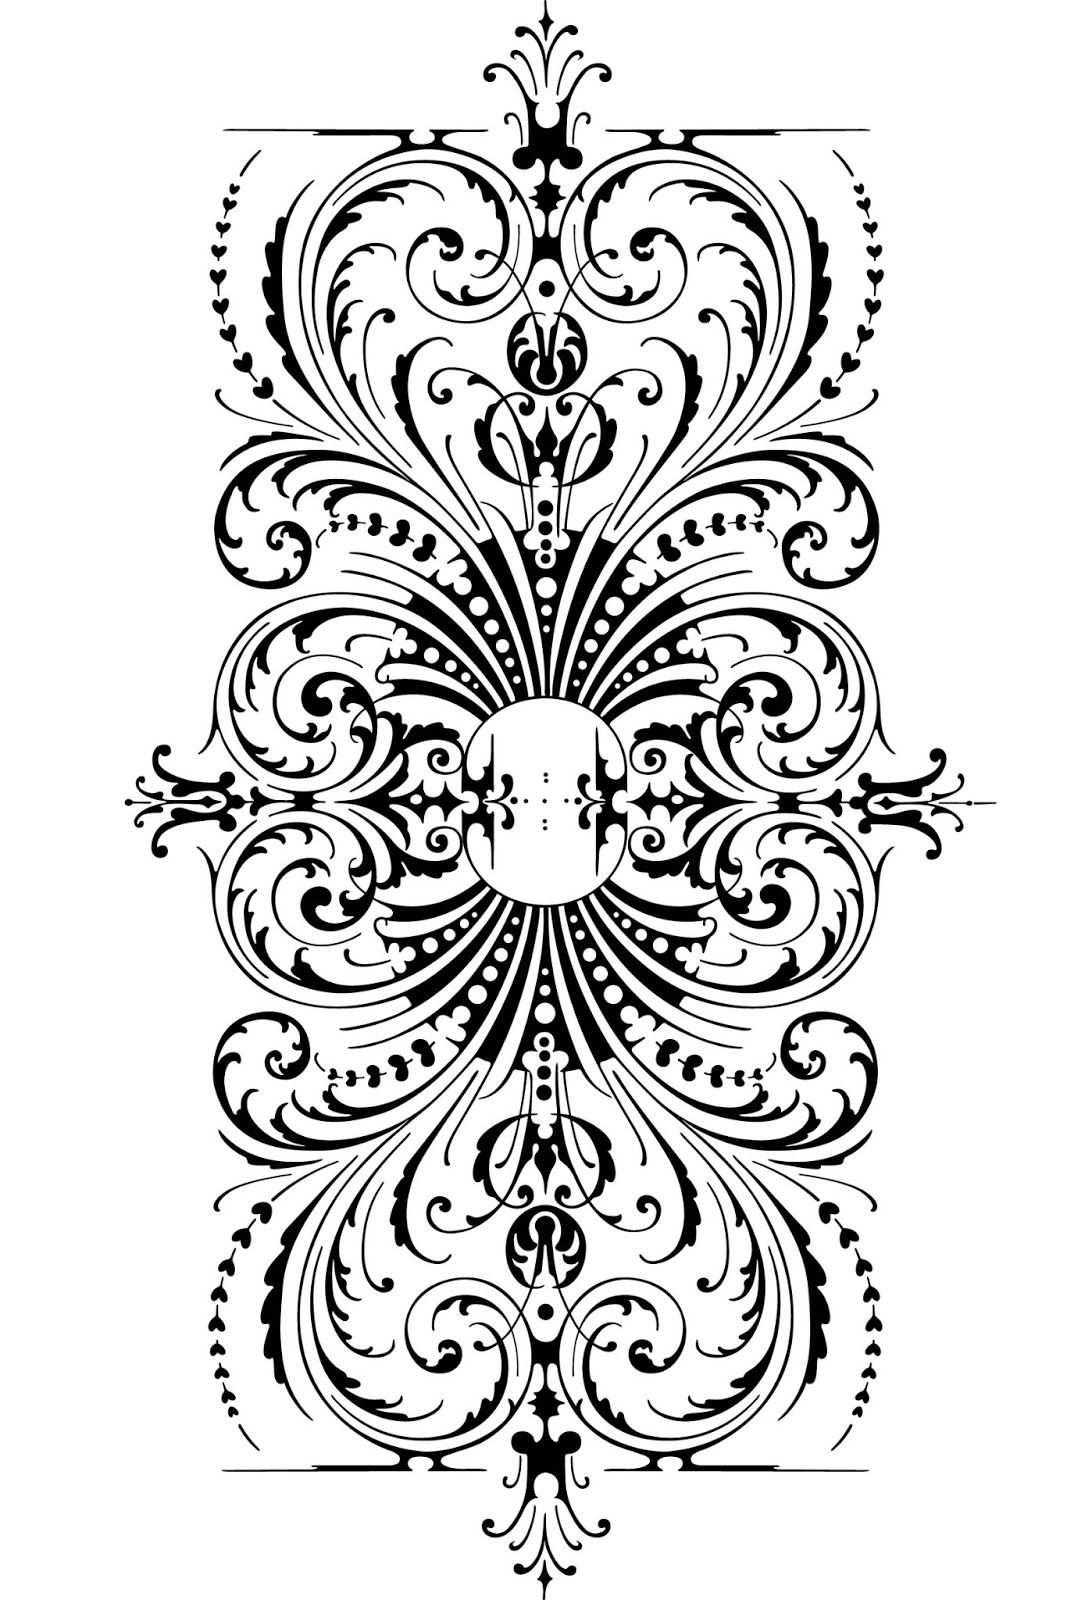 Free Calligraphic Ornaments Ornamente Vorlagen Vorlagen